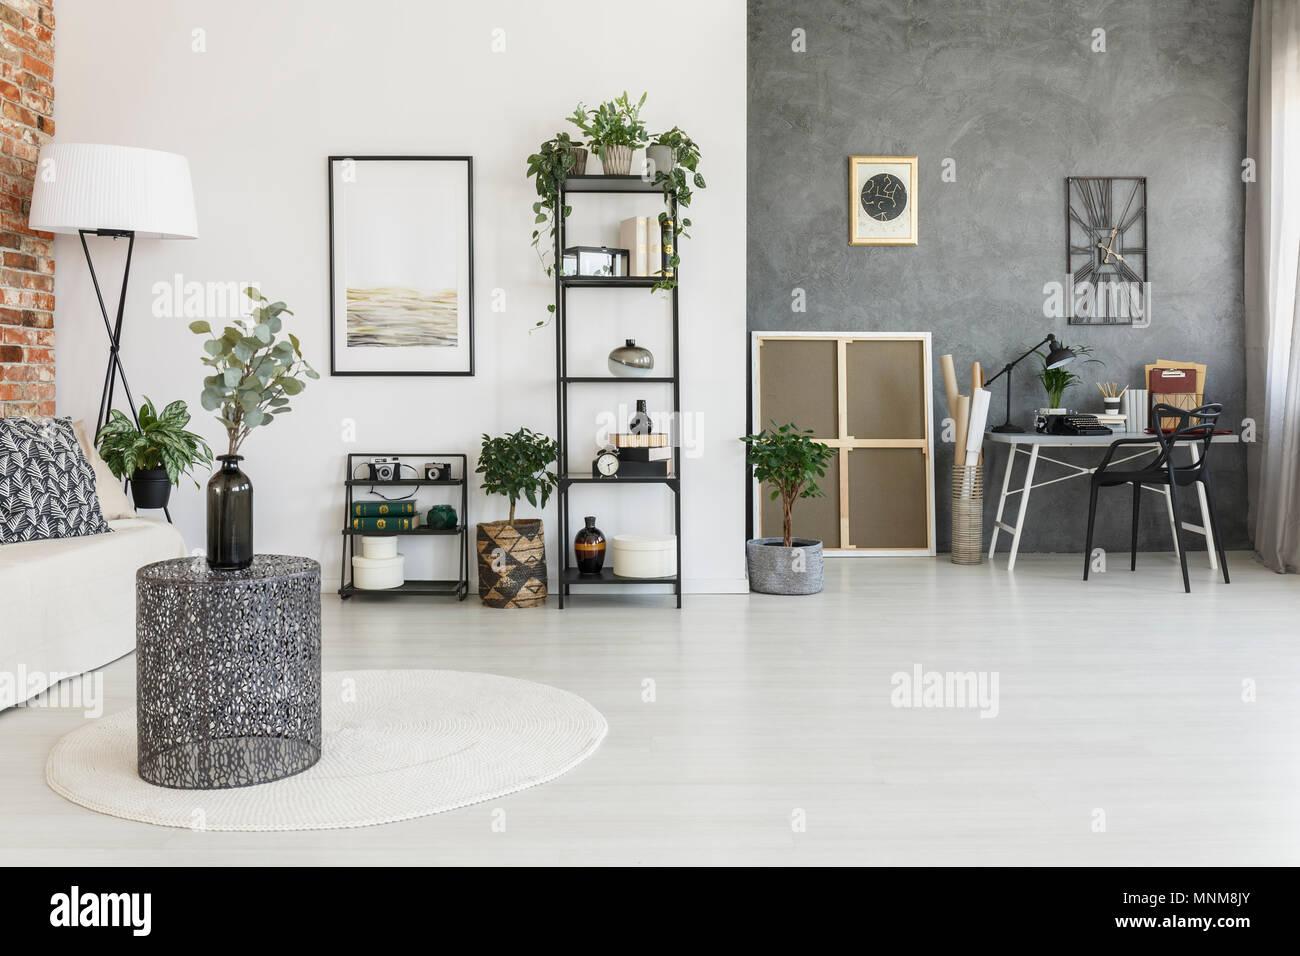 Vase sur table en métal dans l'espace ouvert salon avec espace de travail, des plantes et des murs contraste des couleurs Photo Stock